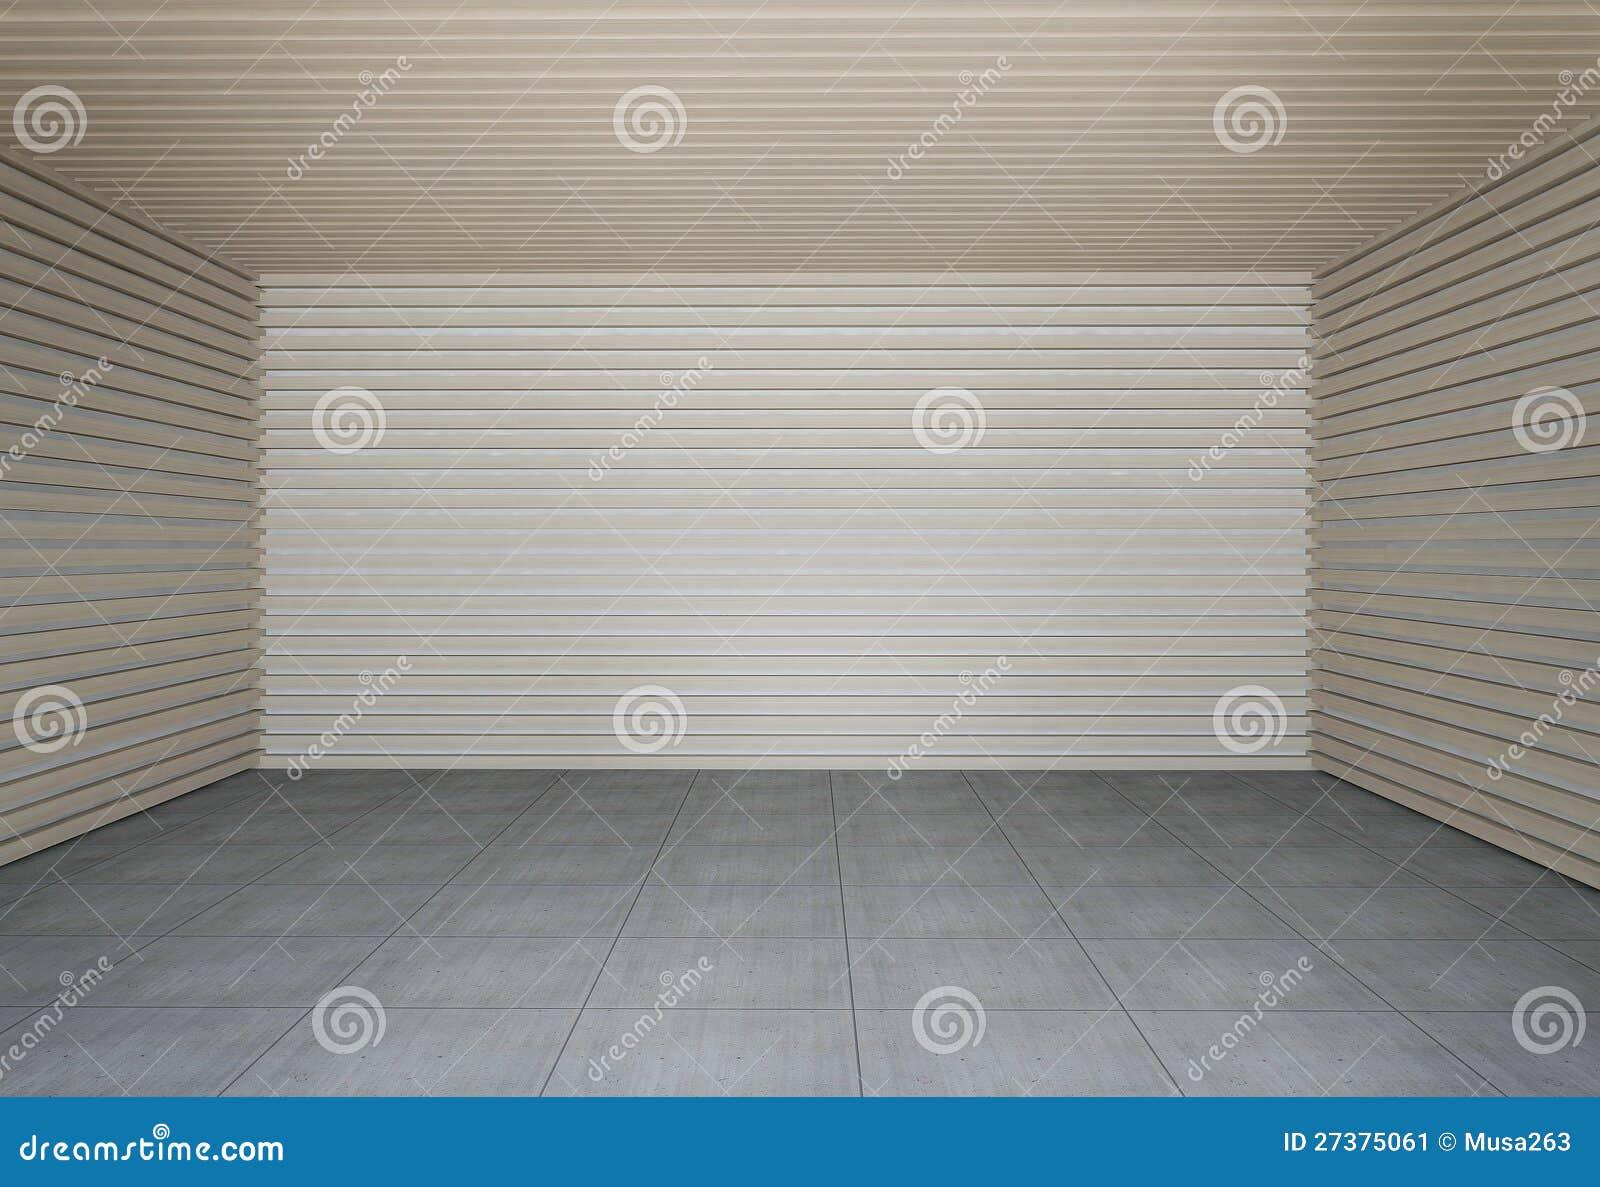 Wand der hölzernen Latten